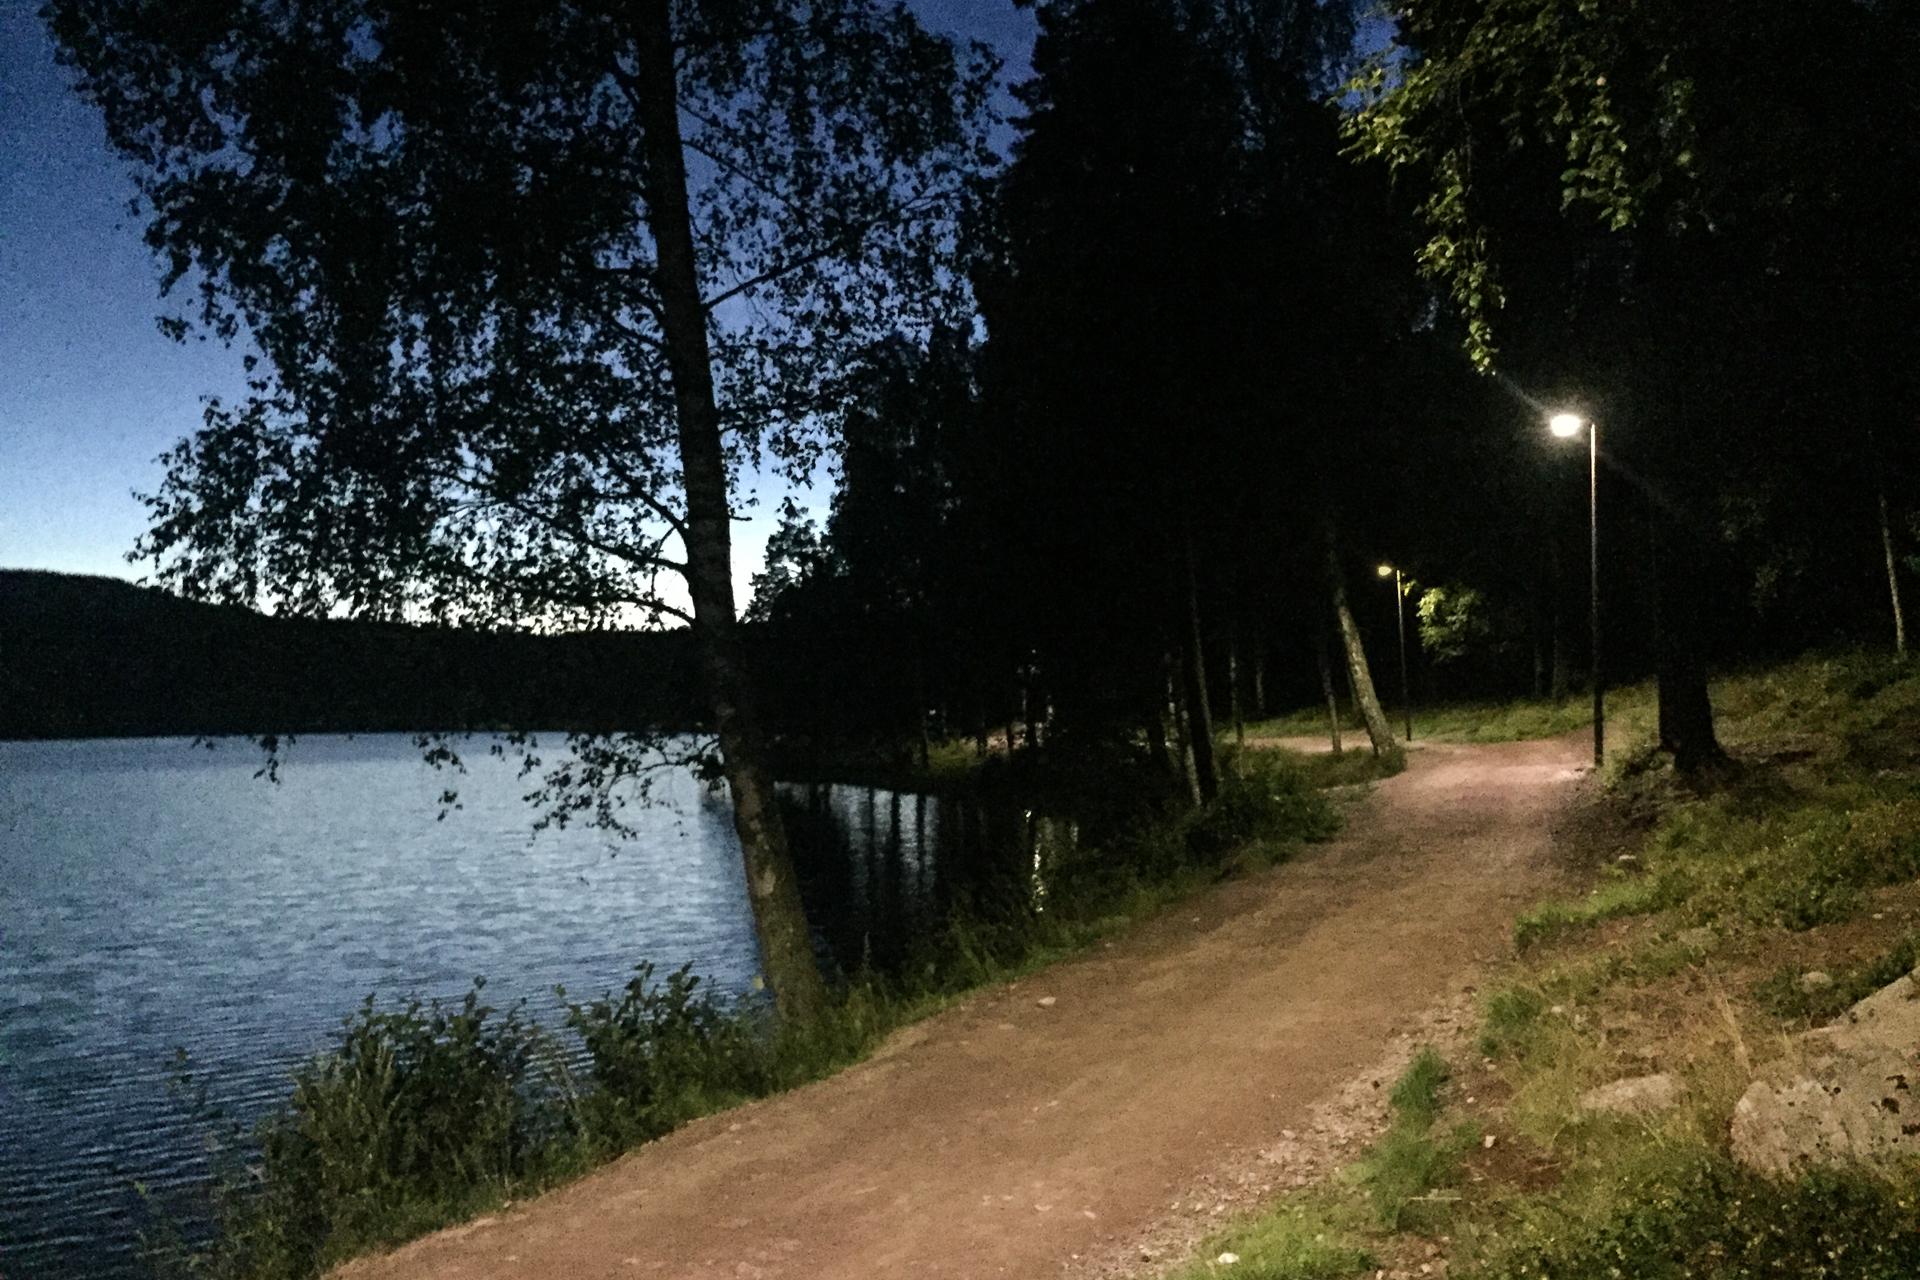 Ved Nedre Blanksjø endrer jeg ruta og kommer meg videre på grusvei istedenfor å fortsette på sti mot Korsvoll. Her ved Sognsvann er det til og med gatelys.